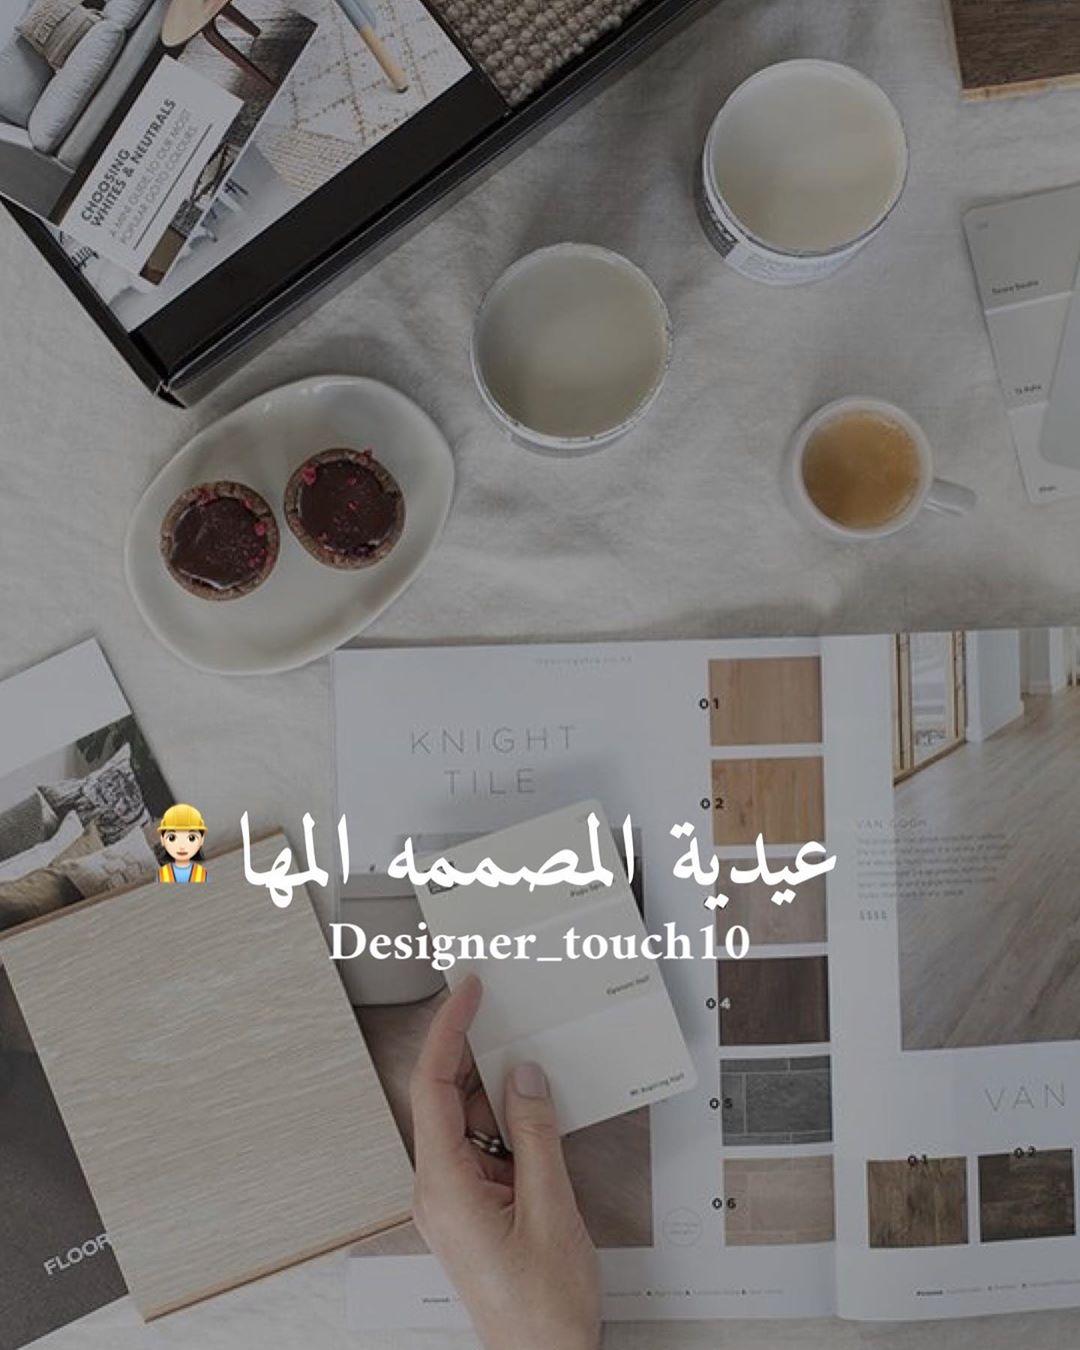 . . عيدية المصممه المها سيتم سحب ٣ حسابات متابعين خلال أيام العيد وإهدائهم